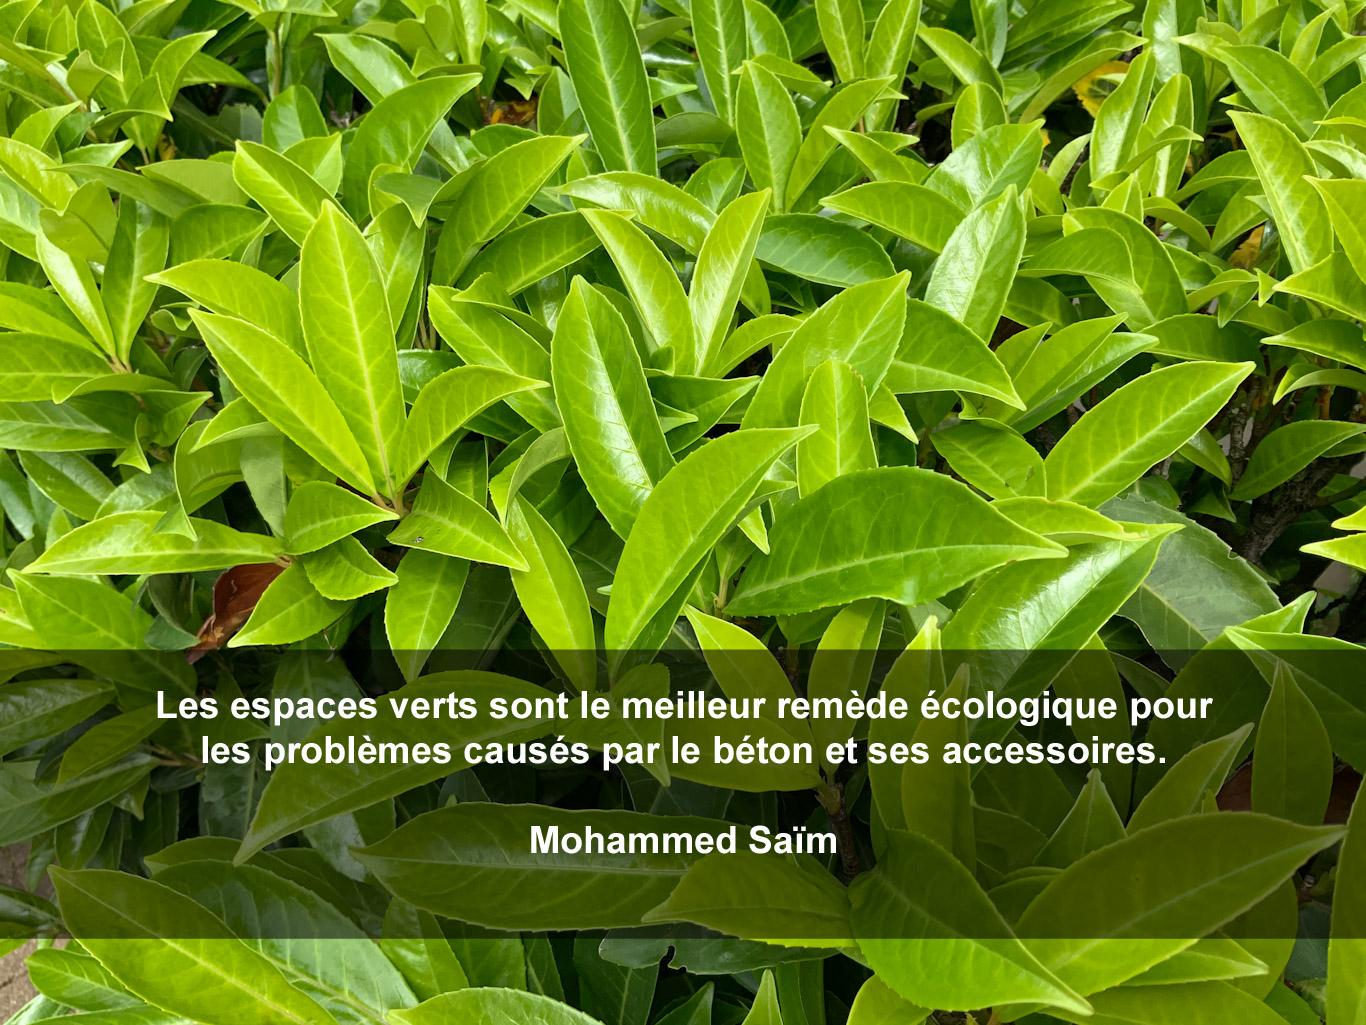 Citation - remède écologique